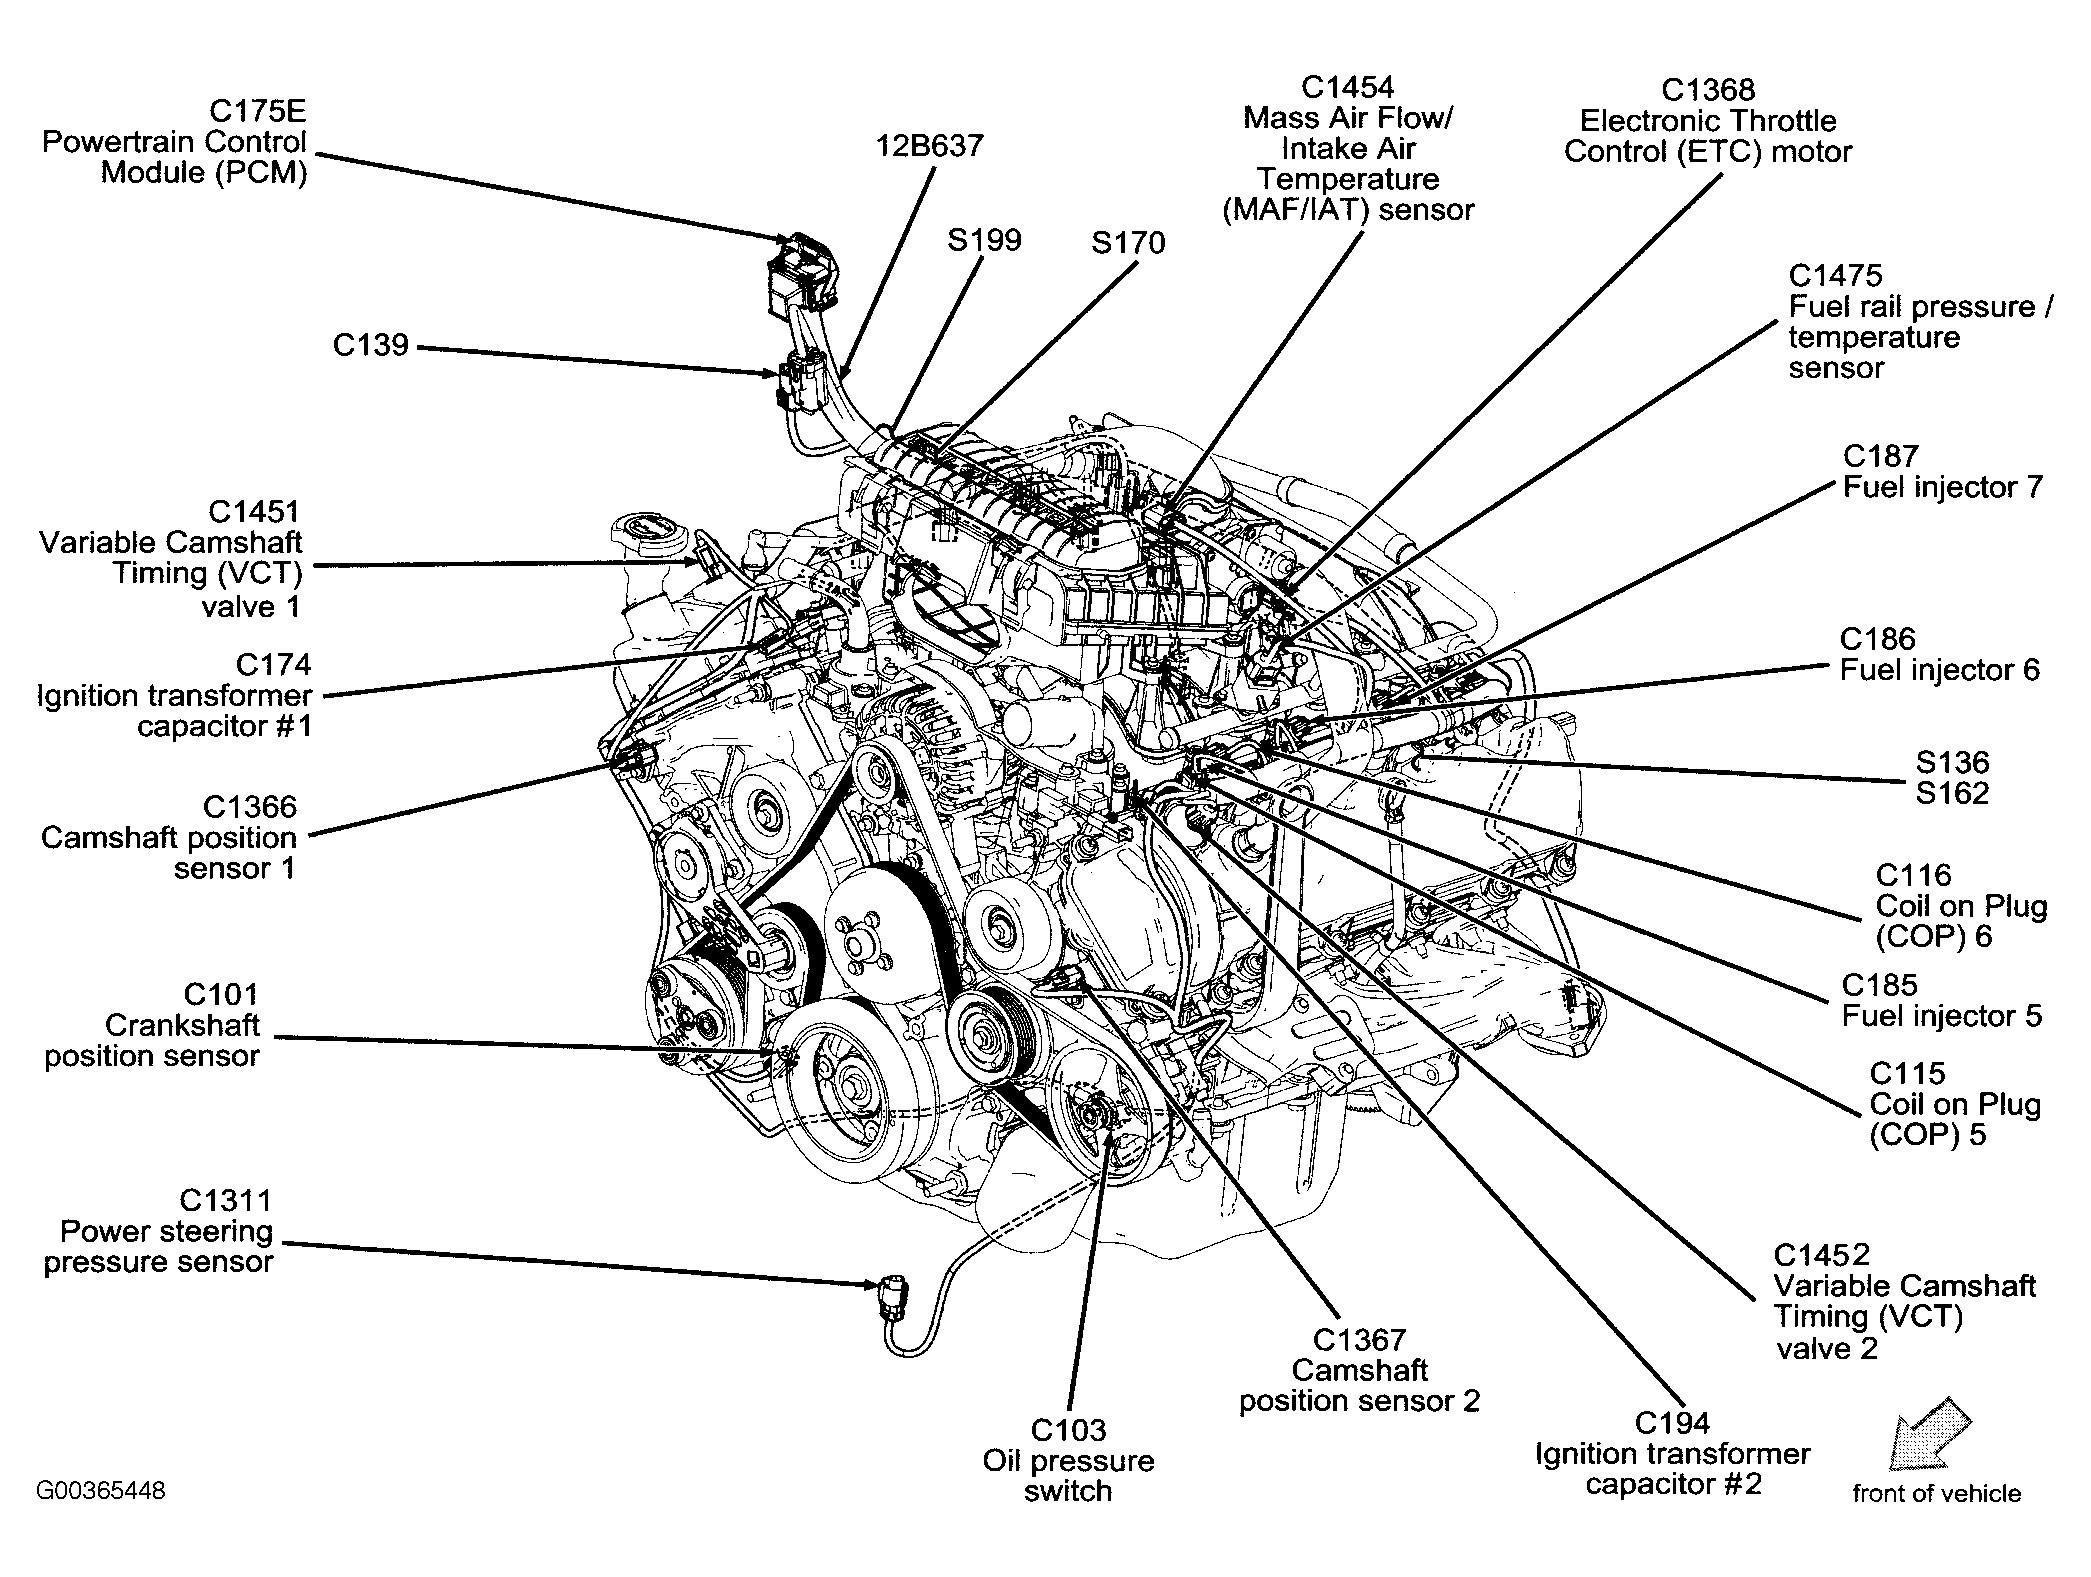 1990 ford ranger engine diagram wiring diagram schema rh 13 yhqws nodebeginner de 1995 ford ranger 3.0 engine diagram 1995 ford ranger engine diagram